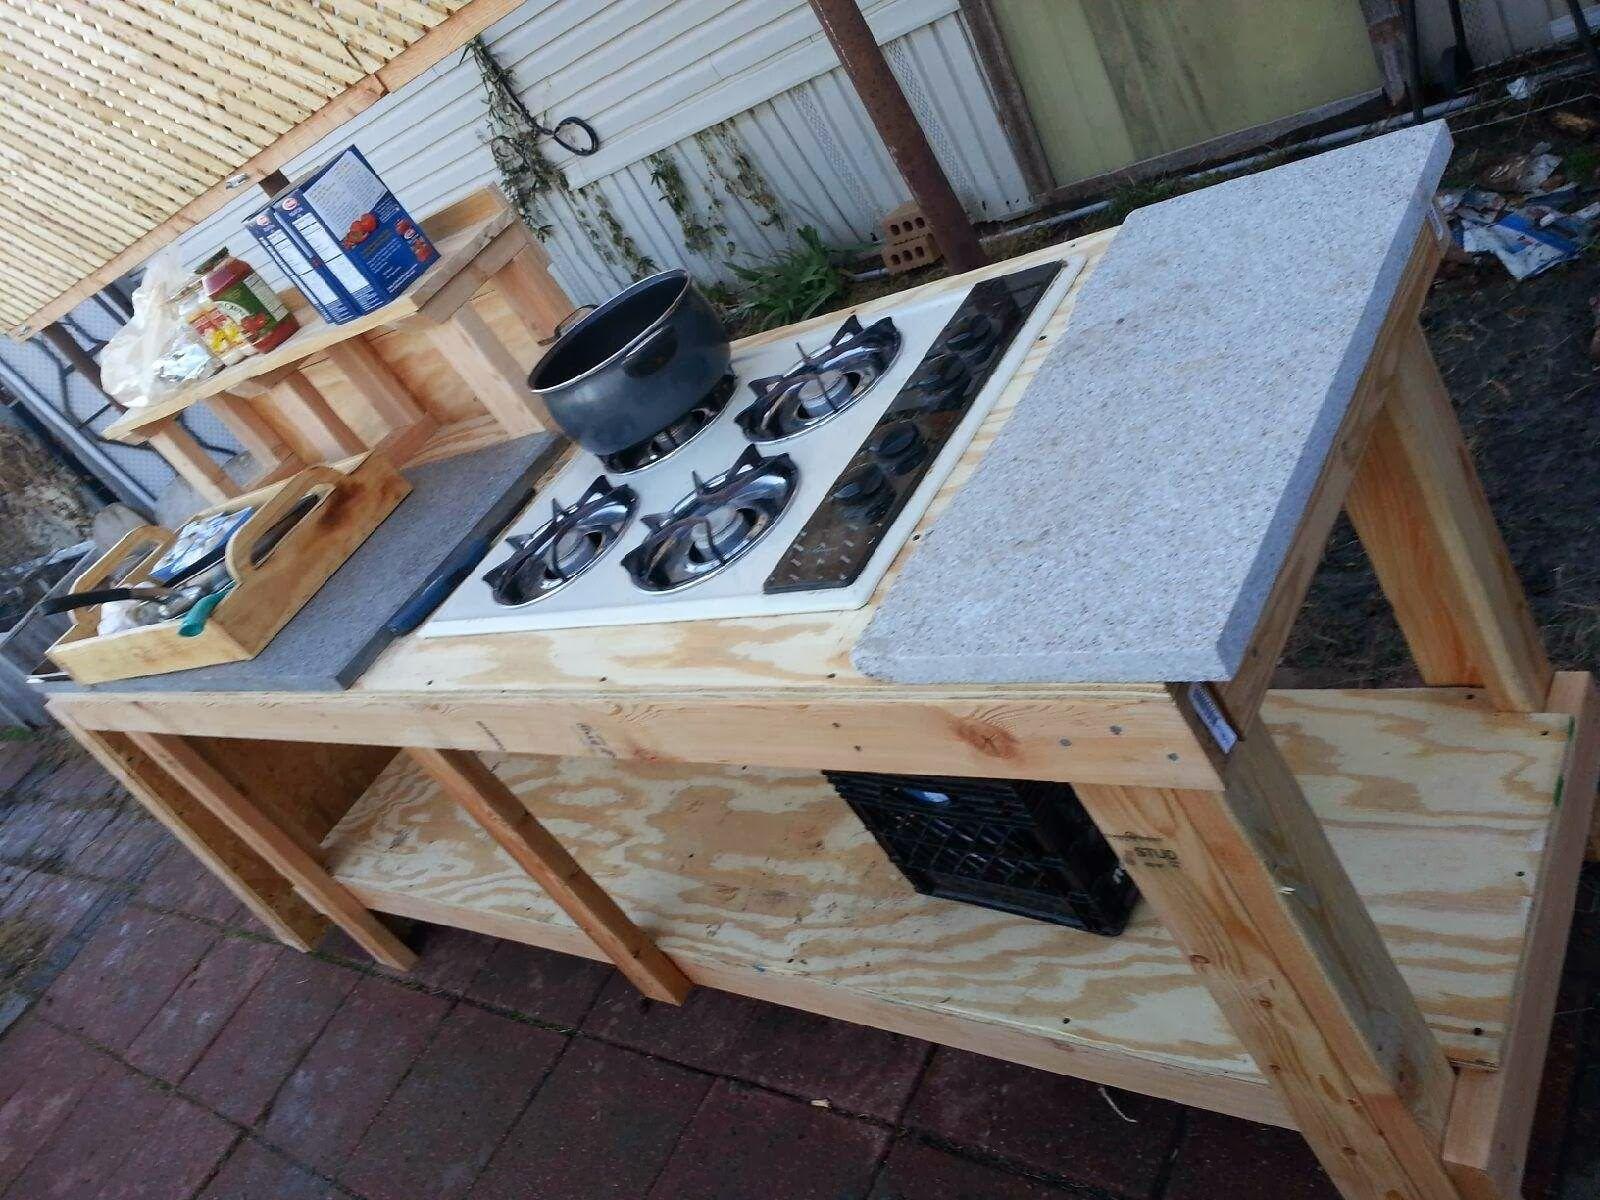 Outdoor Küchen Plan : Outdoor küche plan grill für outdoor küche